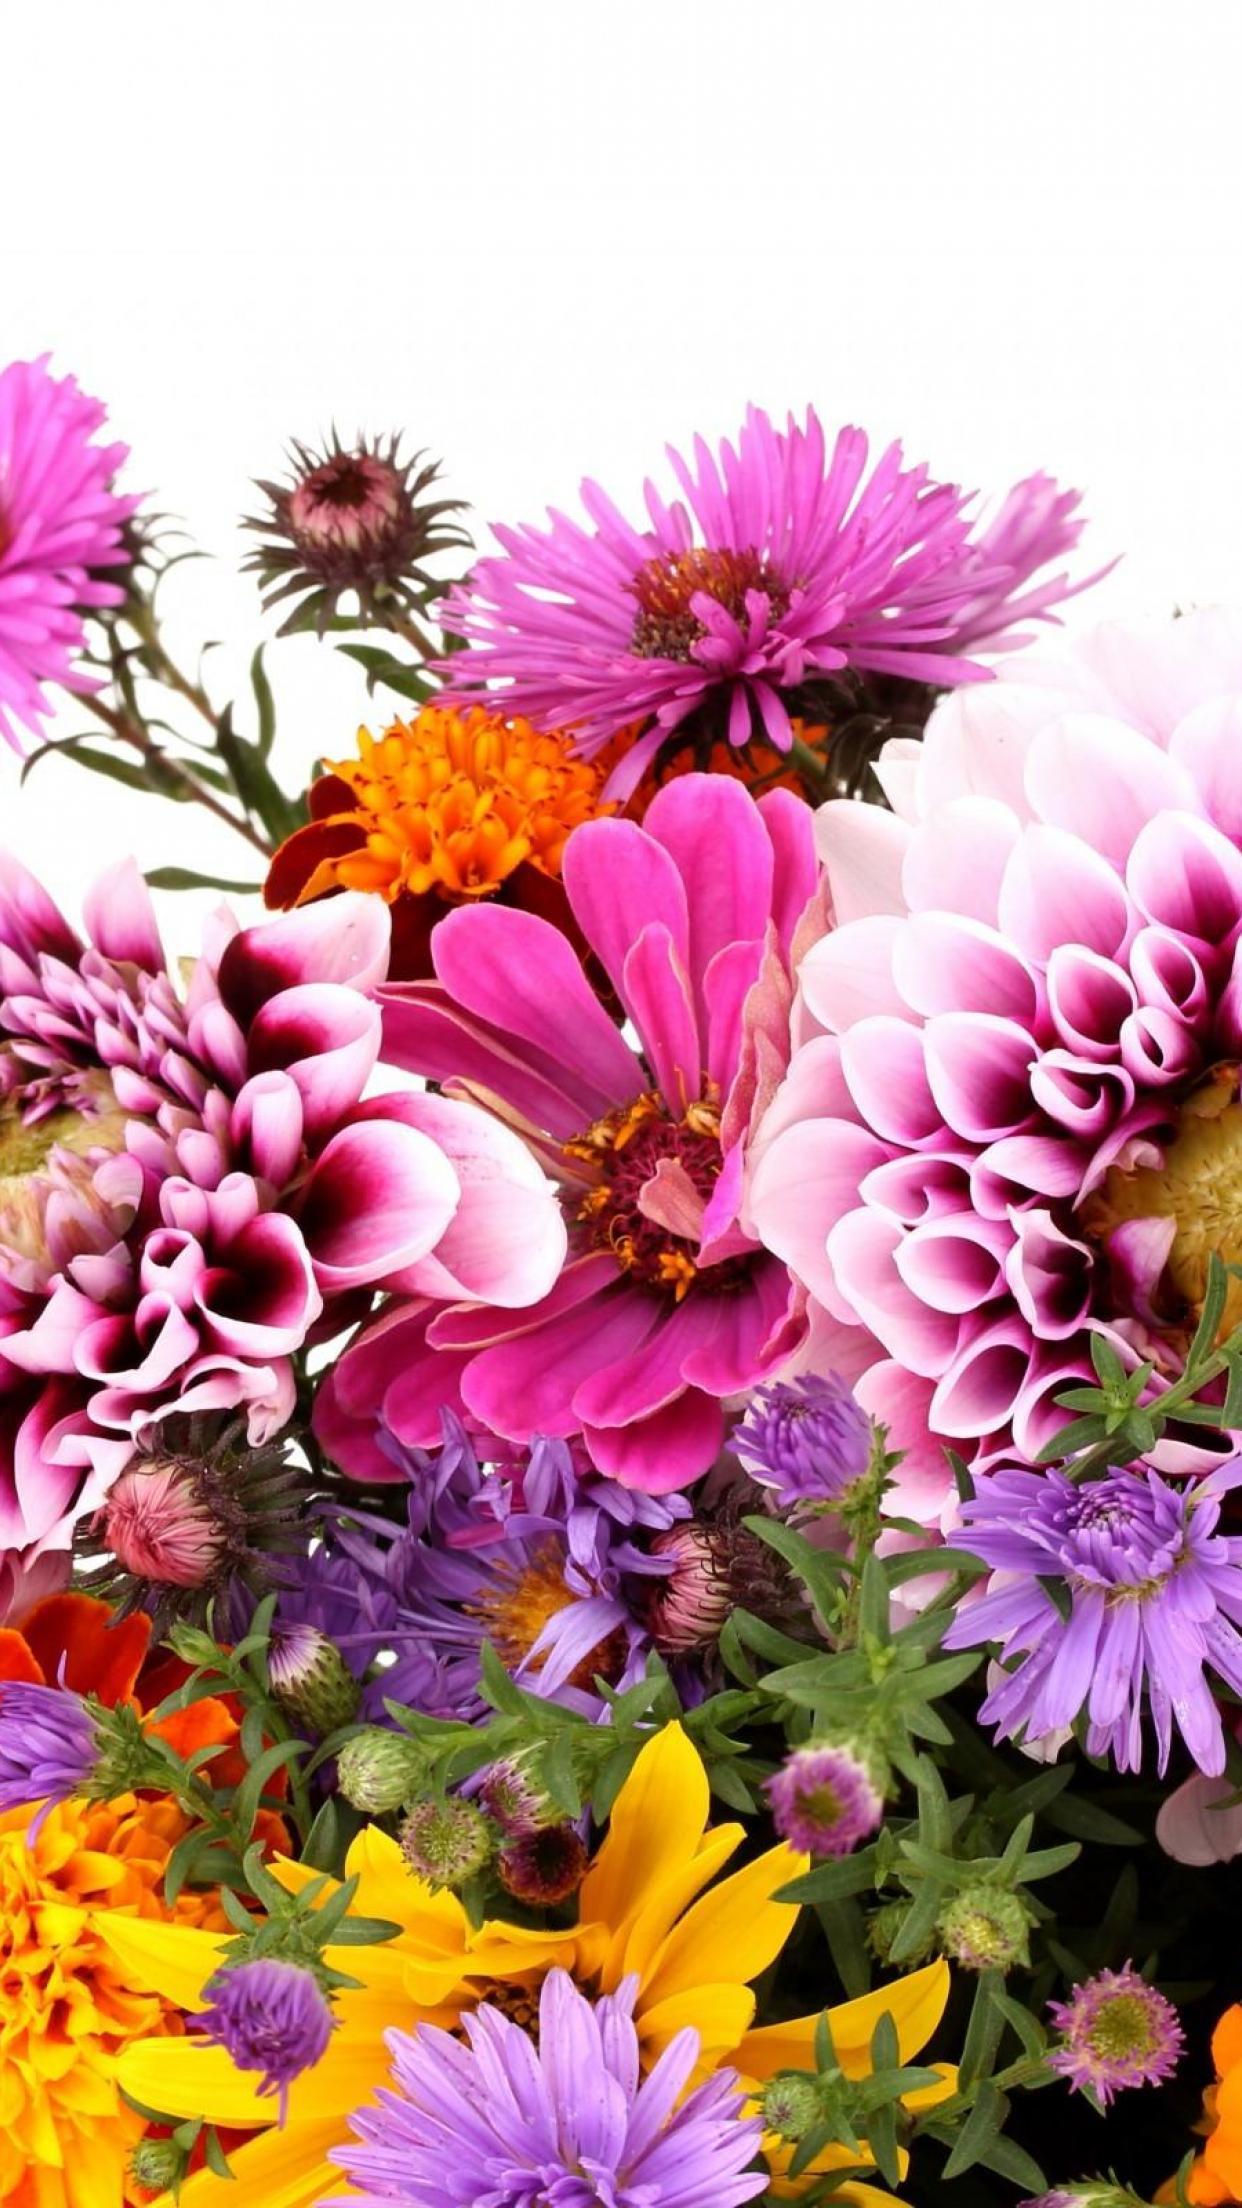 Desktop Hd Wallpapers Quotes Inspire Floral Wallpaper Iphone Pixelstalk Net